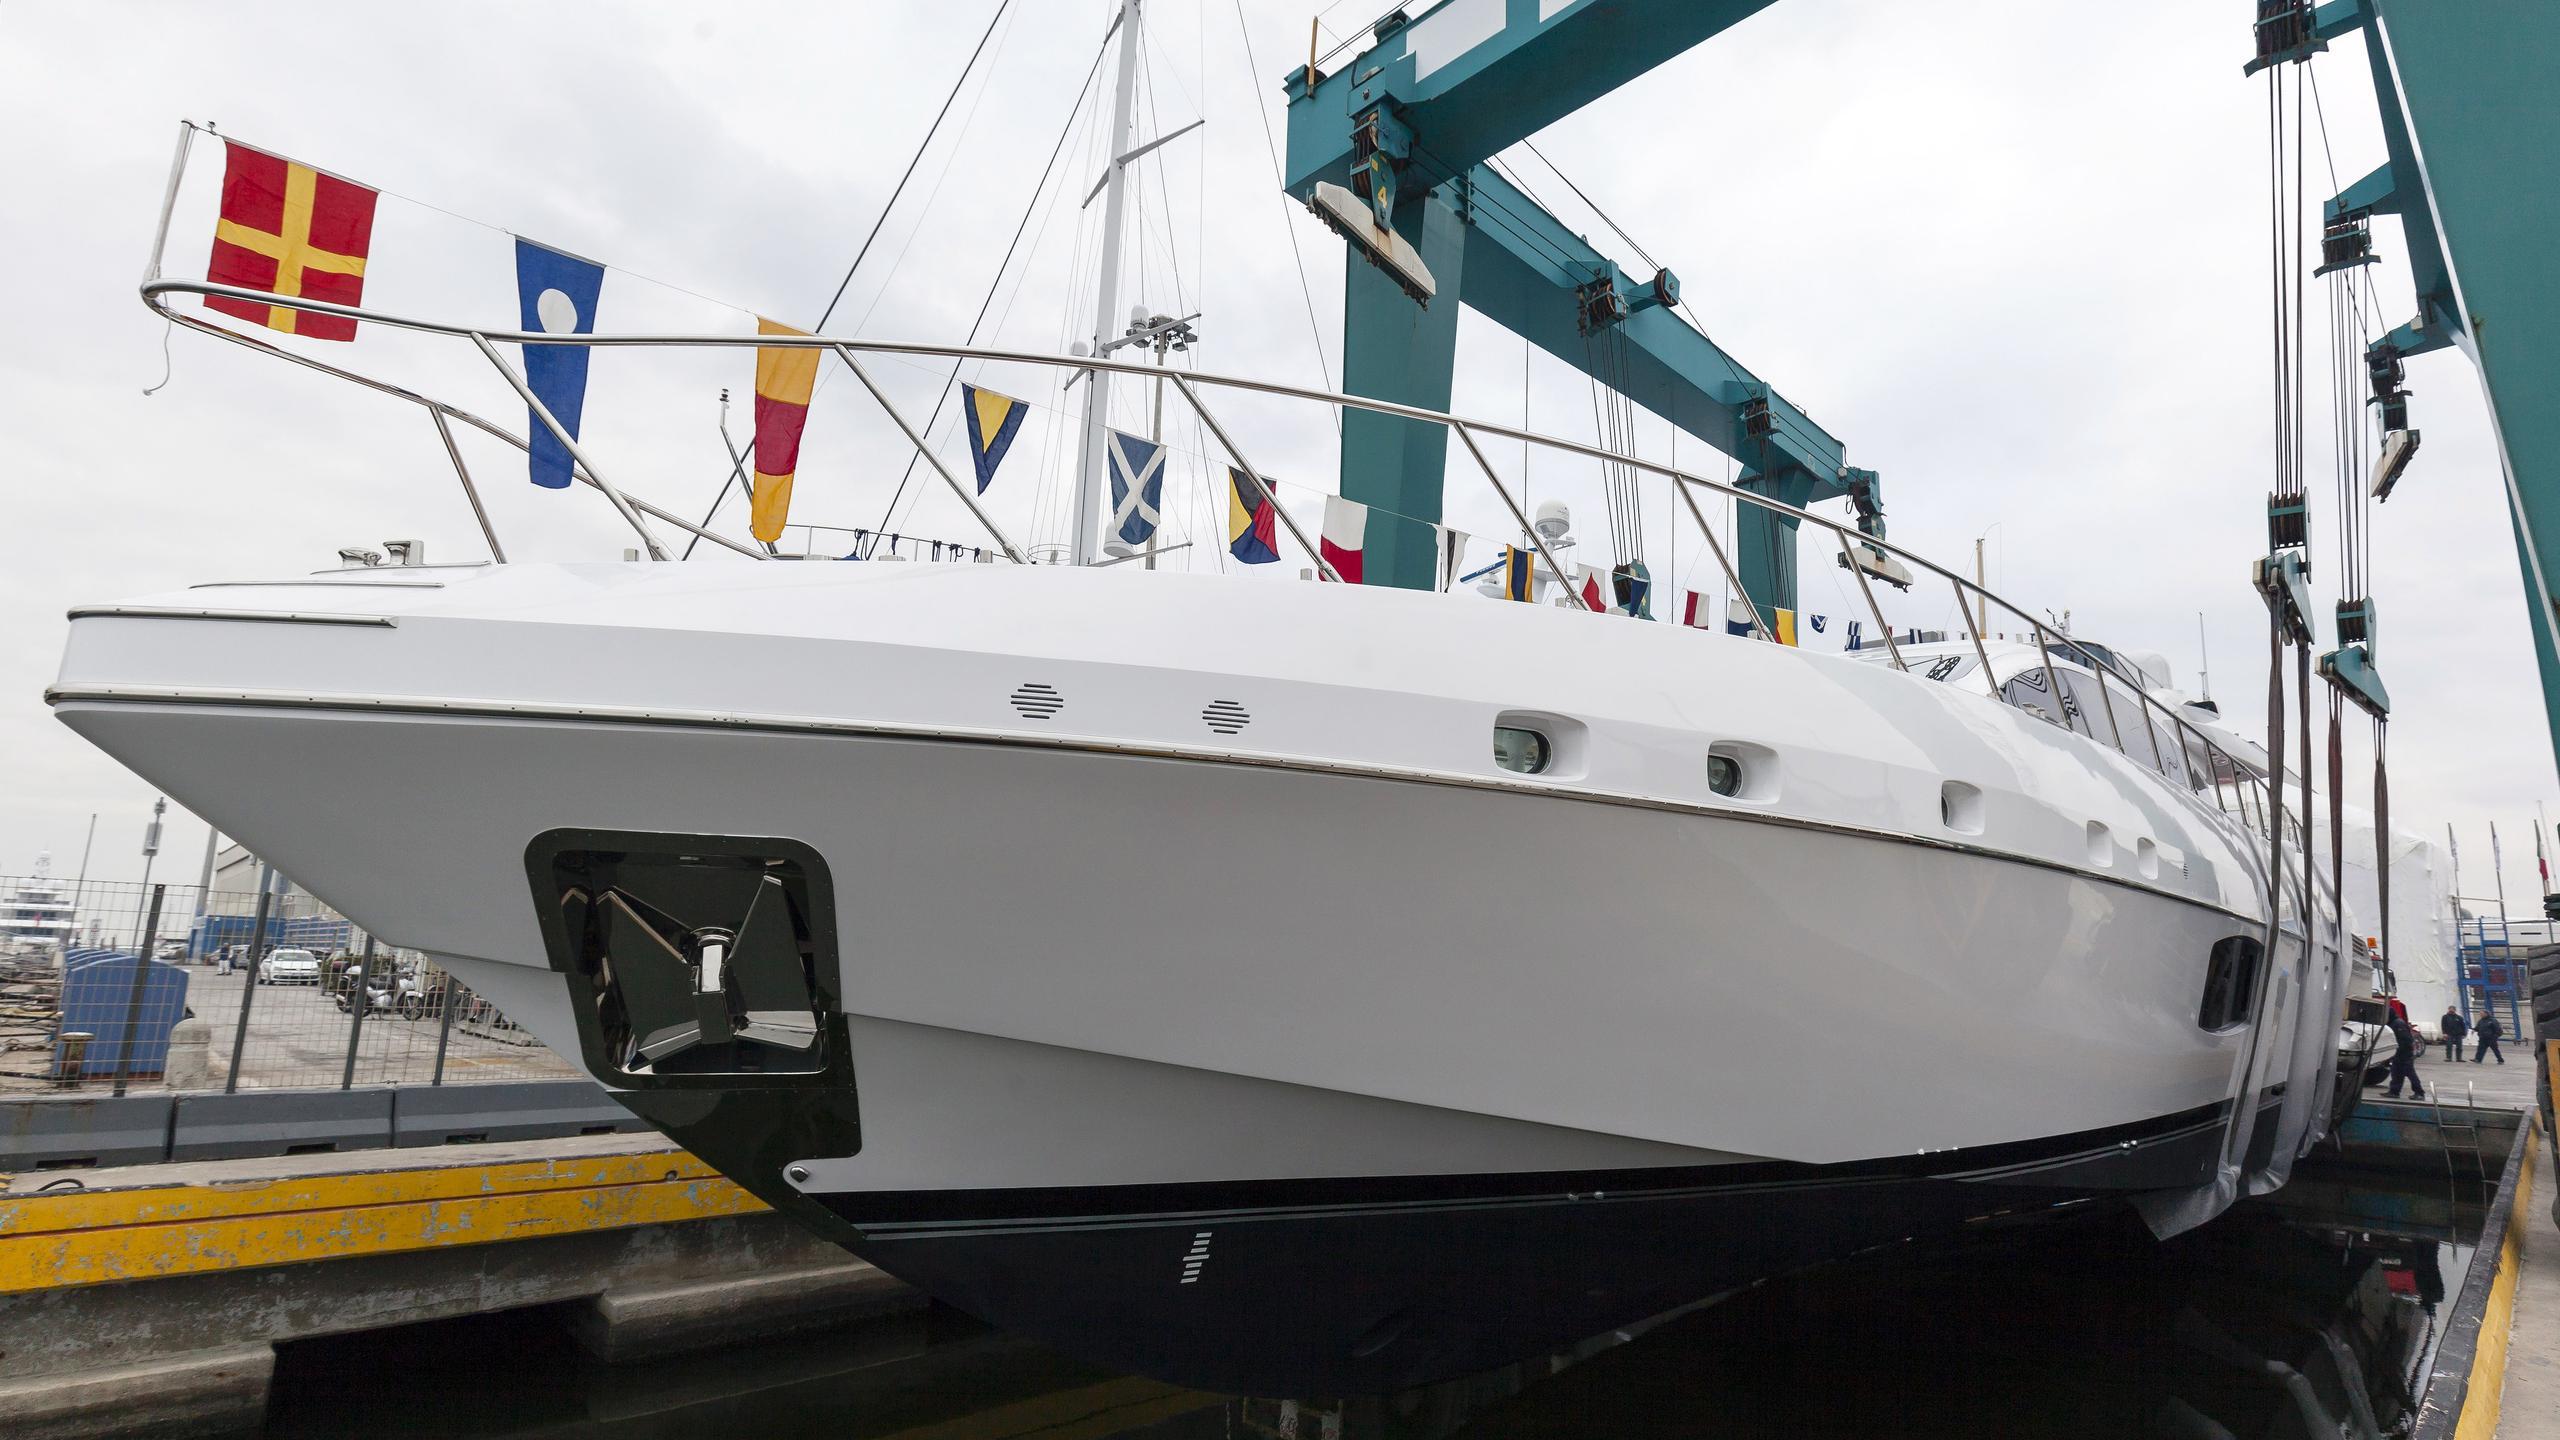 miss moneypenny stella bianca motoryacht overmarine mangusta 94 2016 29m launch